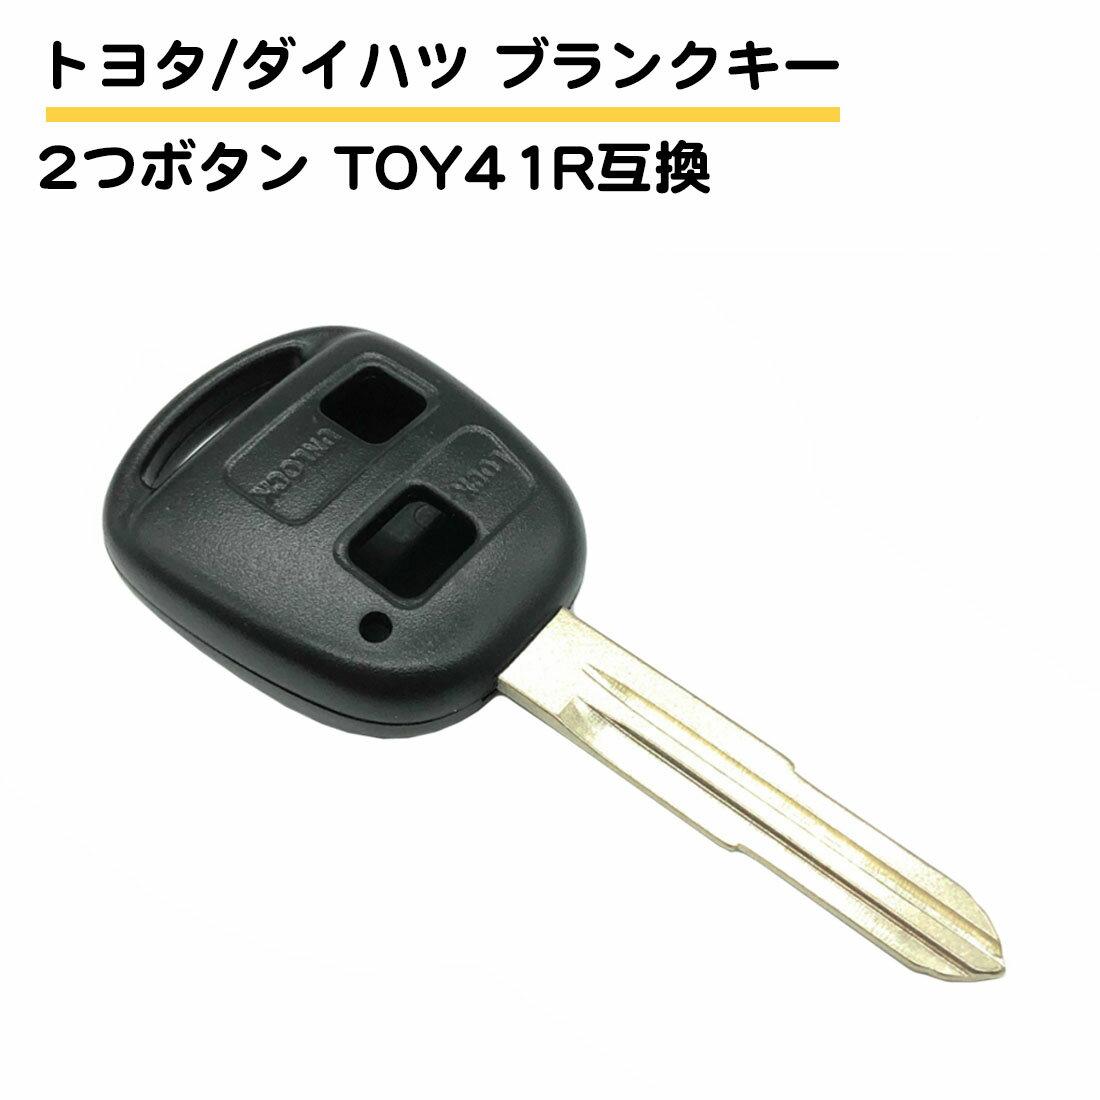 【追跡ゆうパケット送料無料】トヨタ ダイハツ ブランクキー 2ボタン パッソ ラッシュ bB タント ミラ ムーブ TOY41R